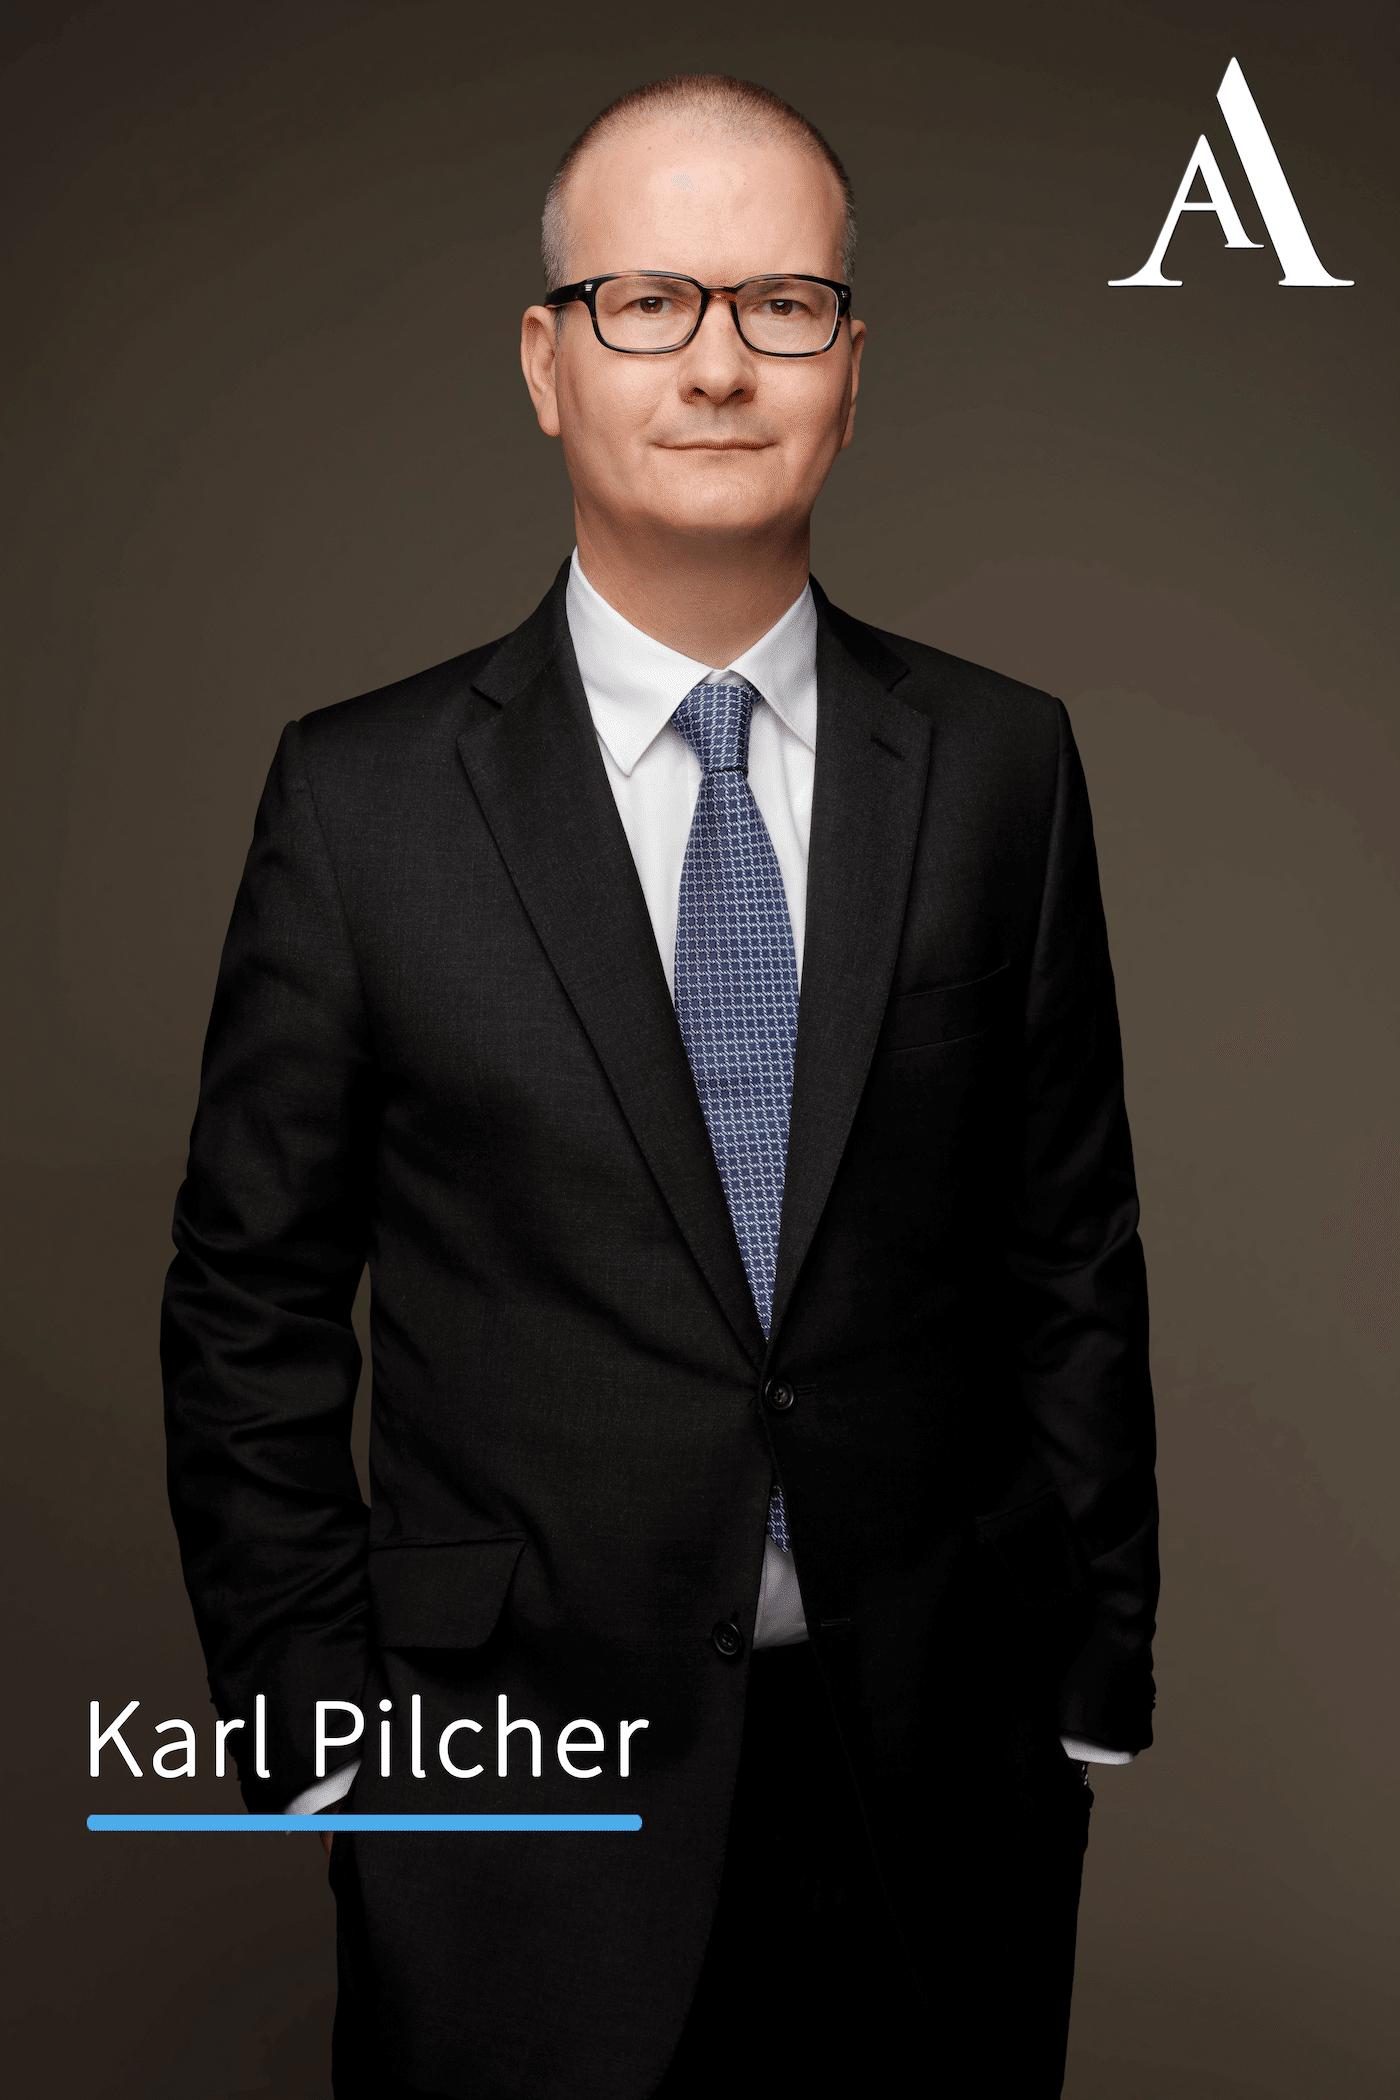 Karl Pilcher | Alston Asquith